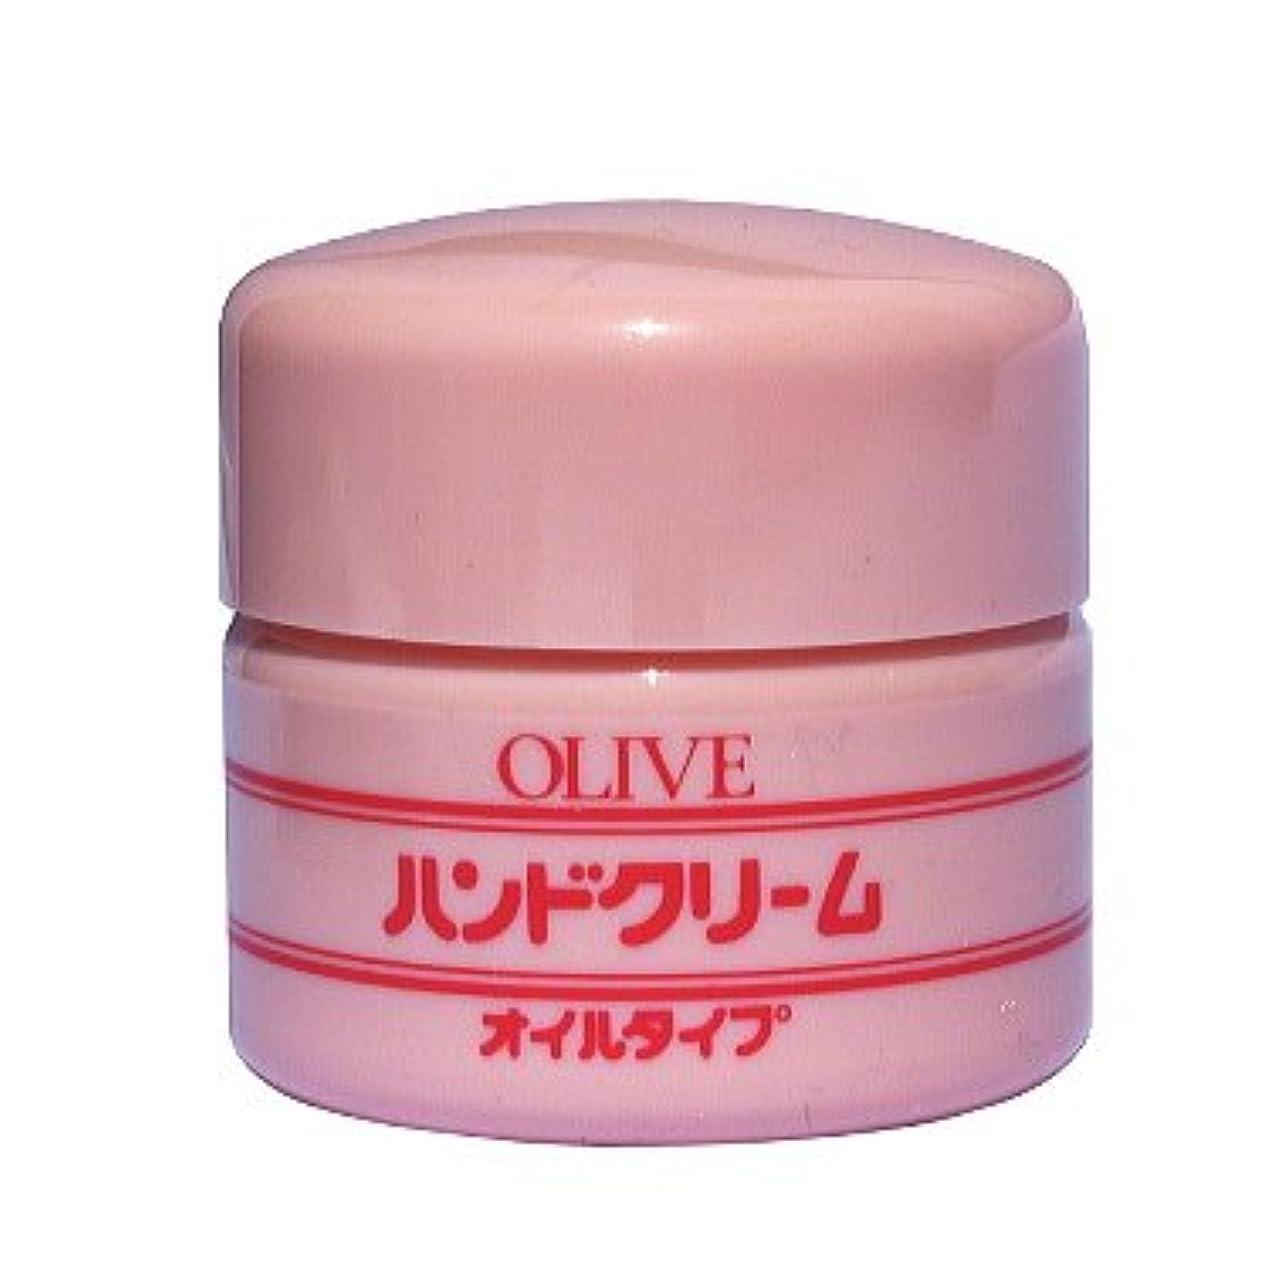 飼料シュリンク満了鈴虫化粧品 オリーブハンドクリーム(オイルタイプ/容器タイプ)53g